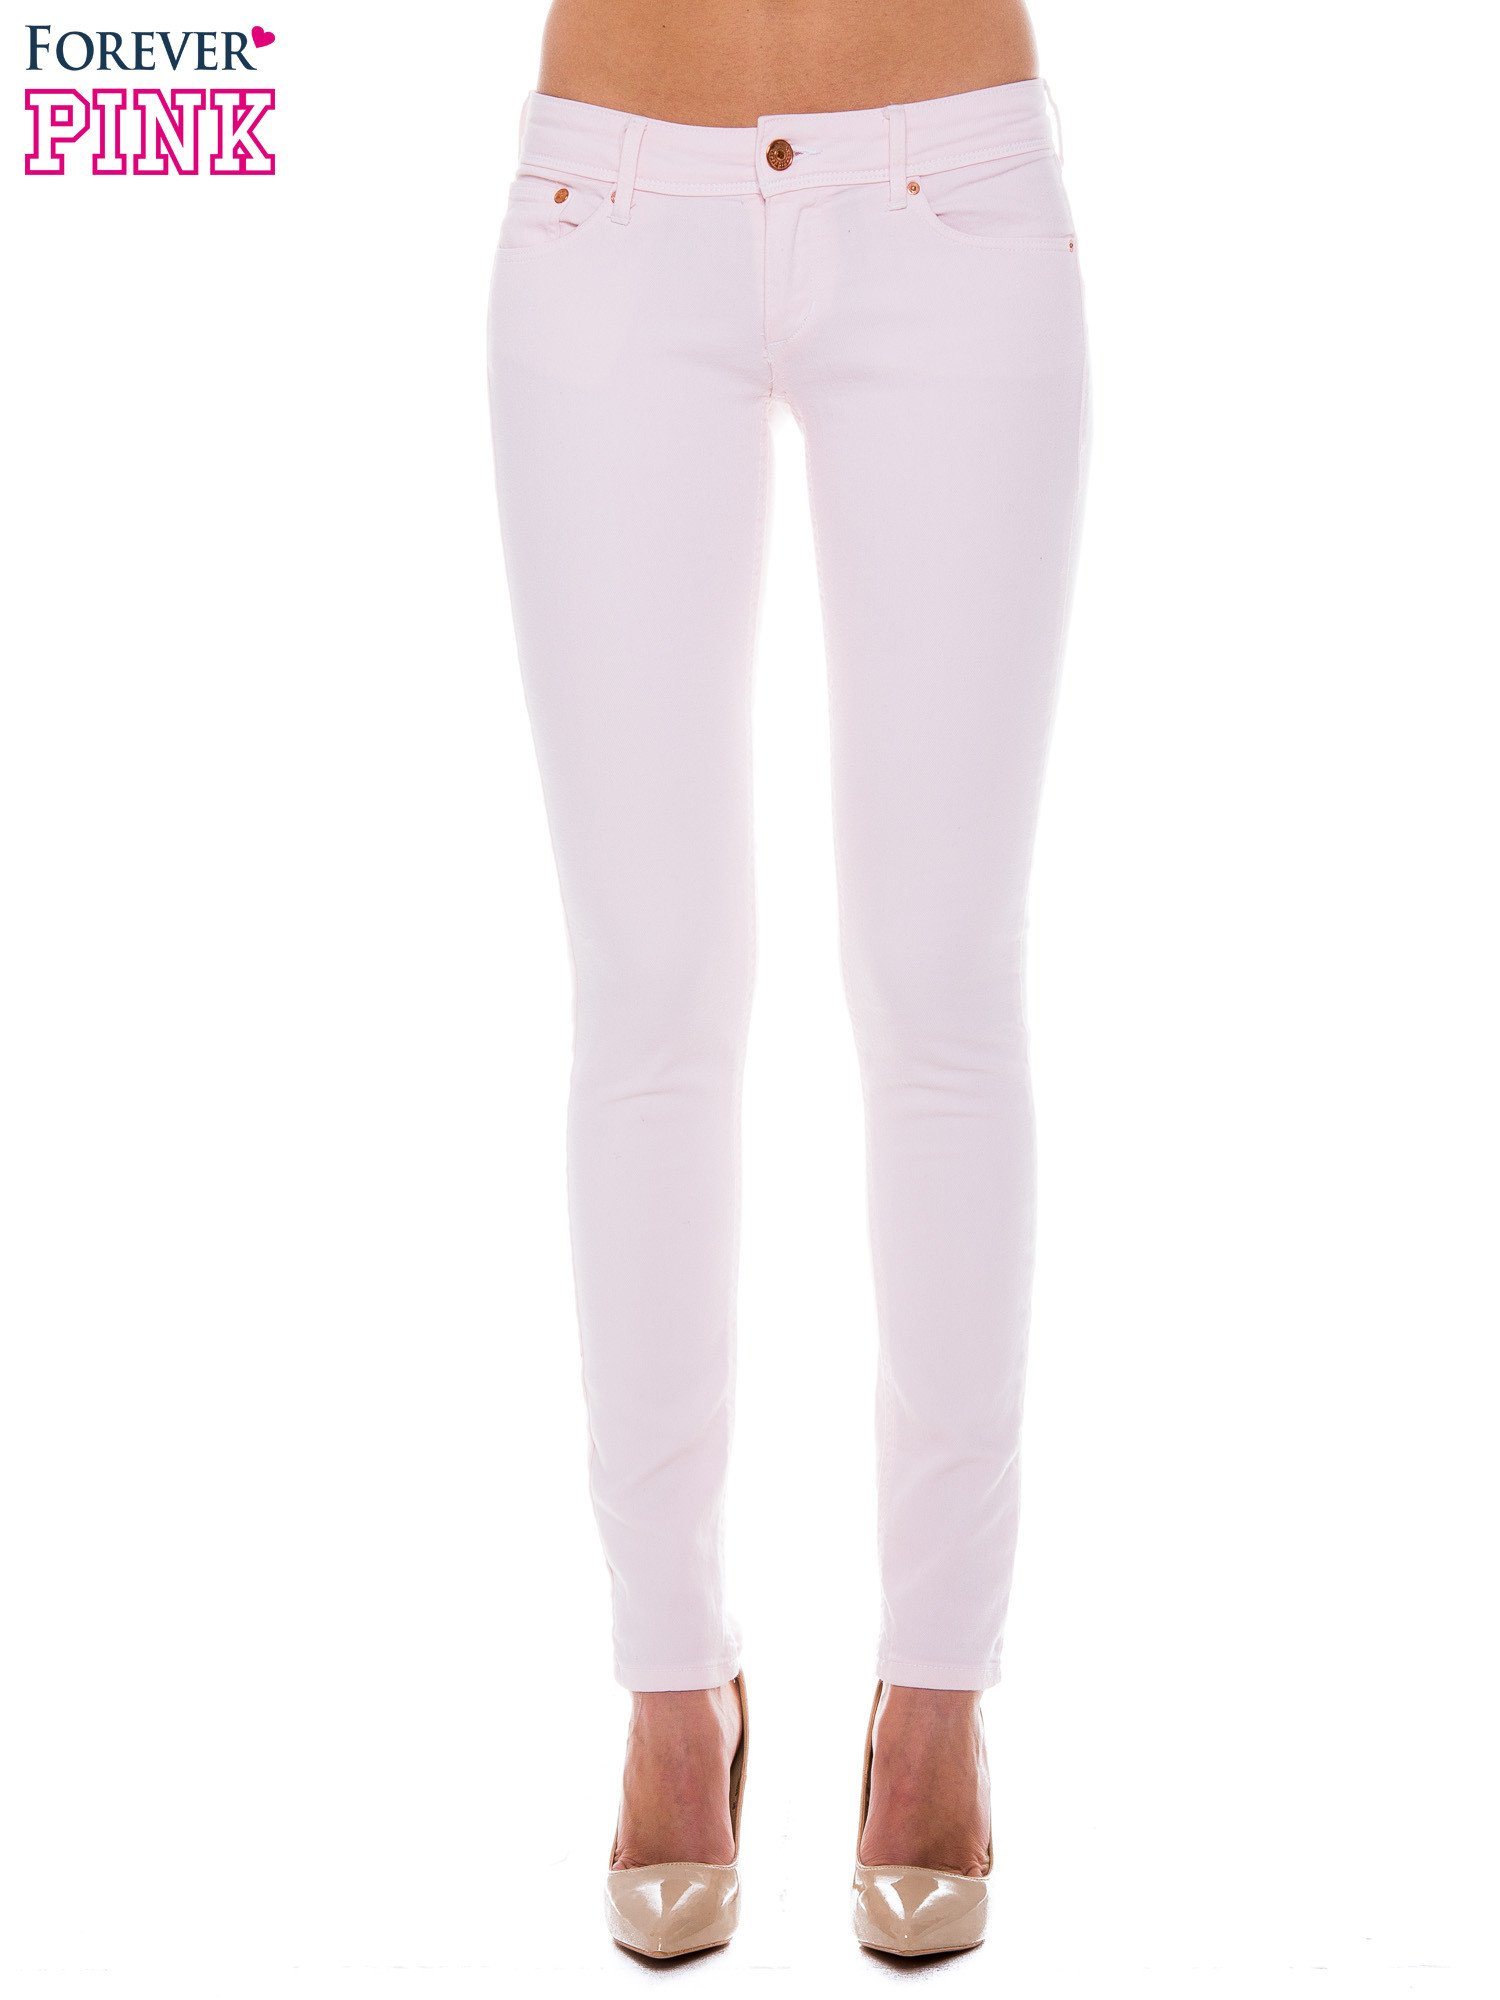 Jasnoróżowe spodnie jeansowe typu rurki                                  zdj.                                  1